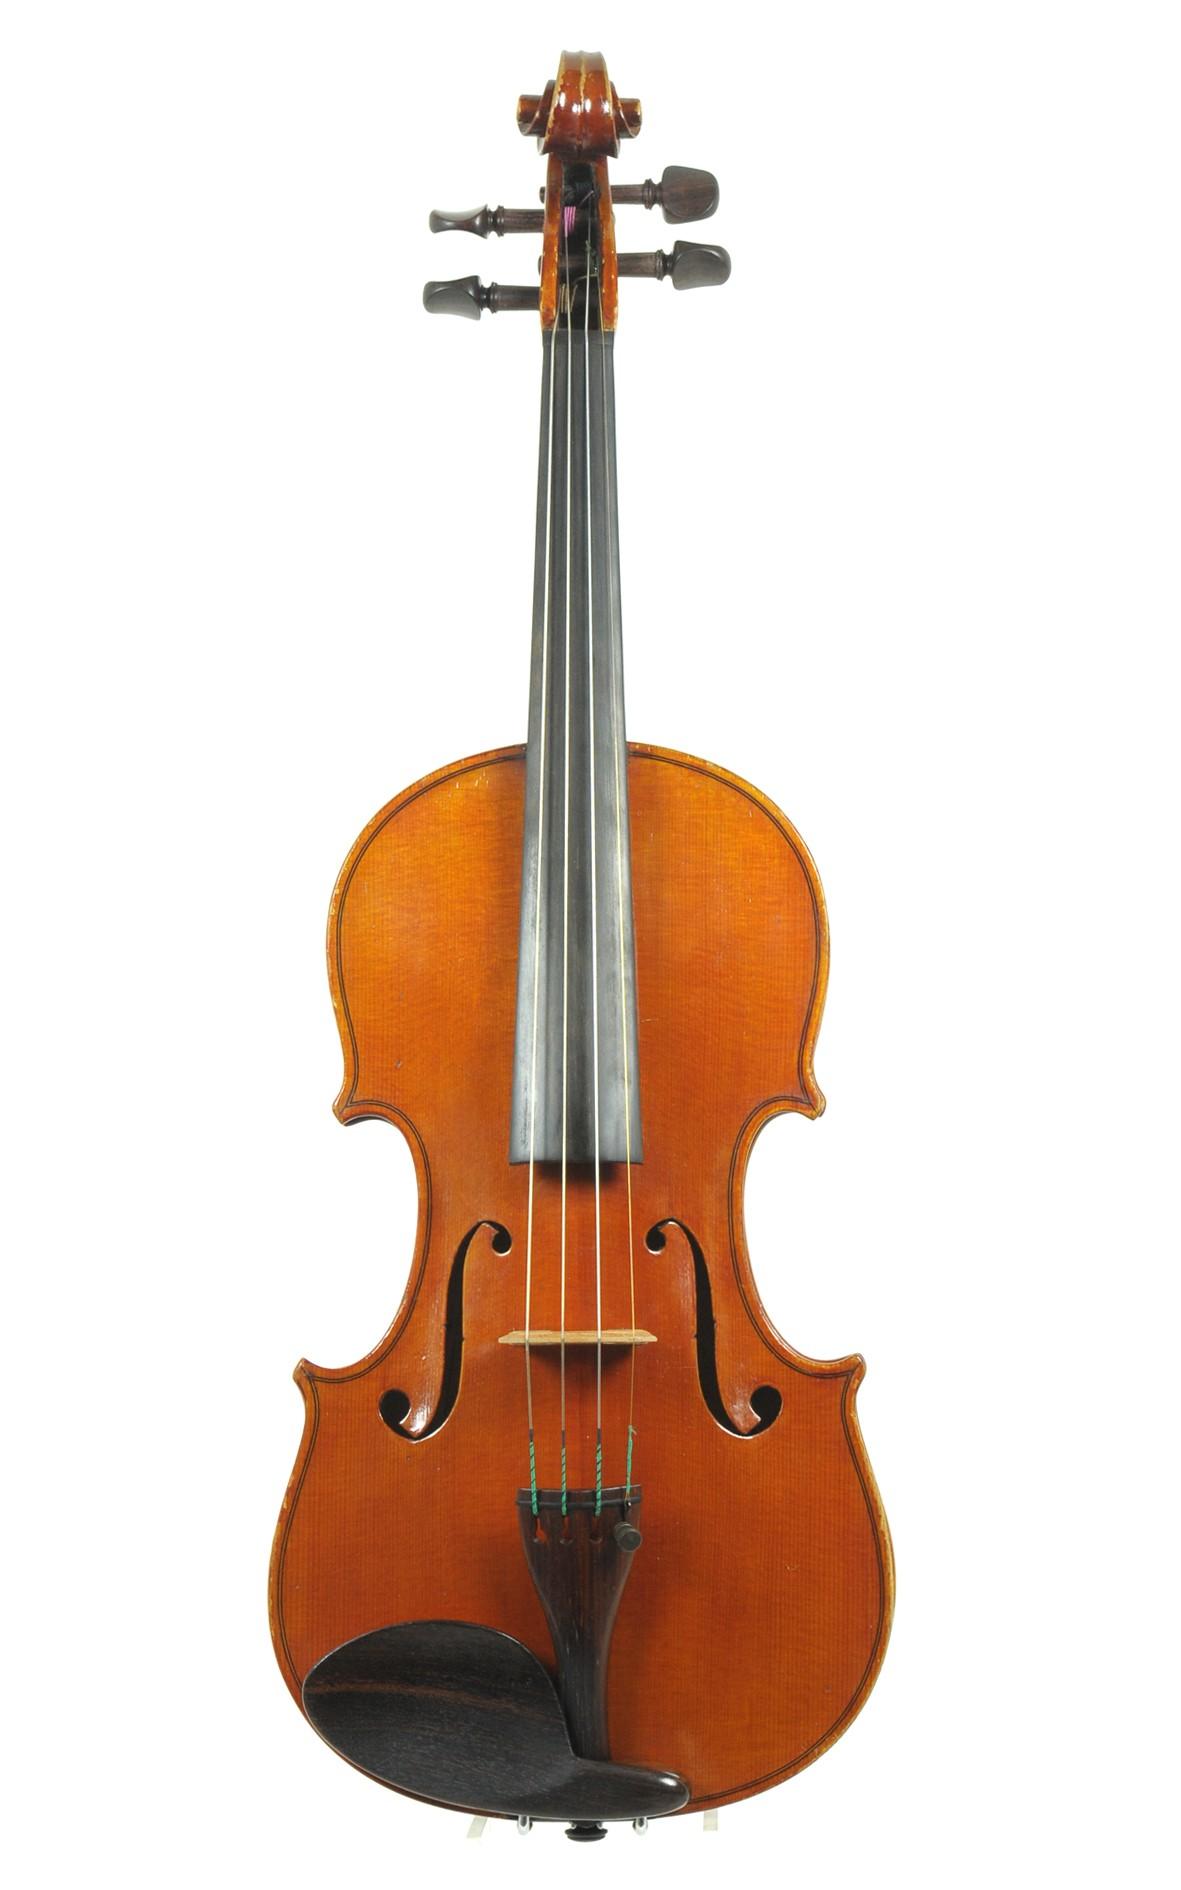 Luigi Lanaro, italienische Geige, 1975 - Decke